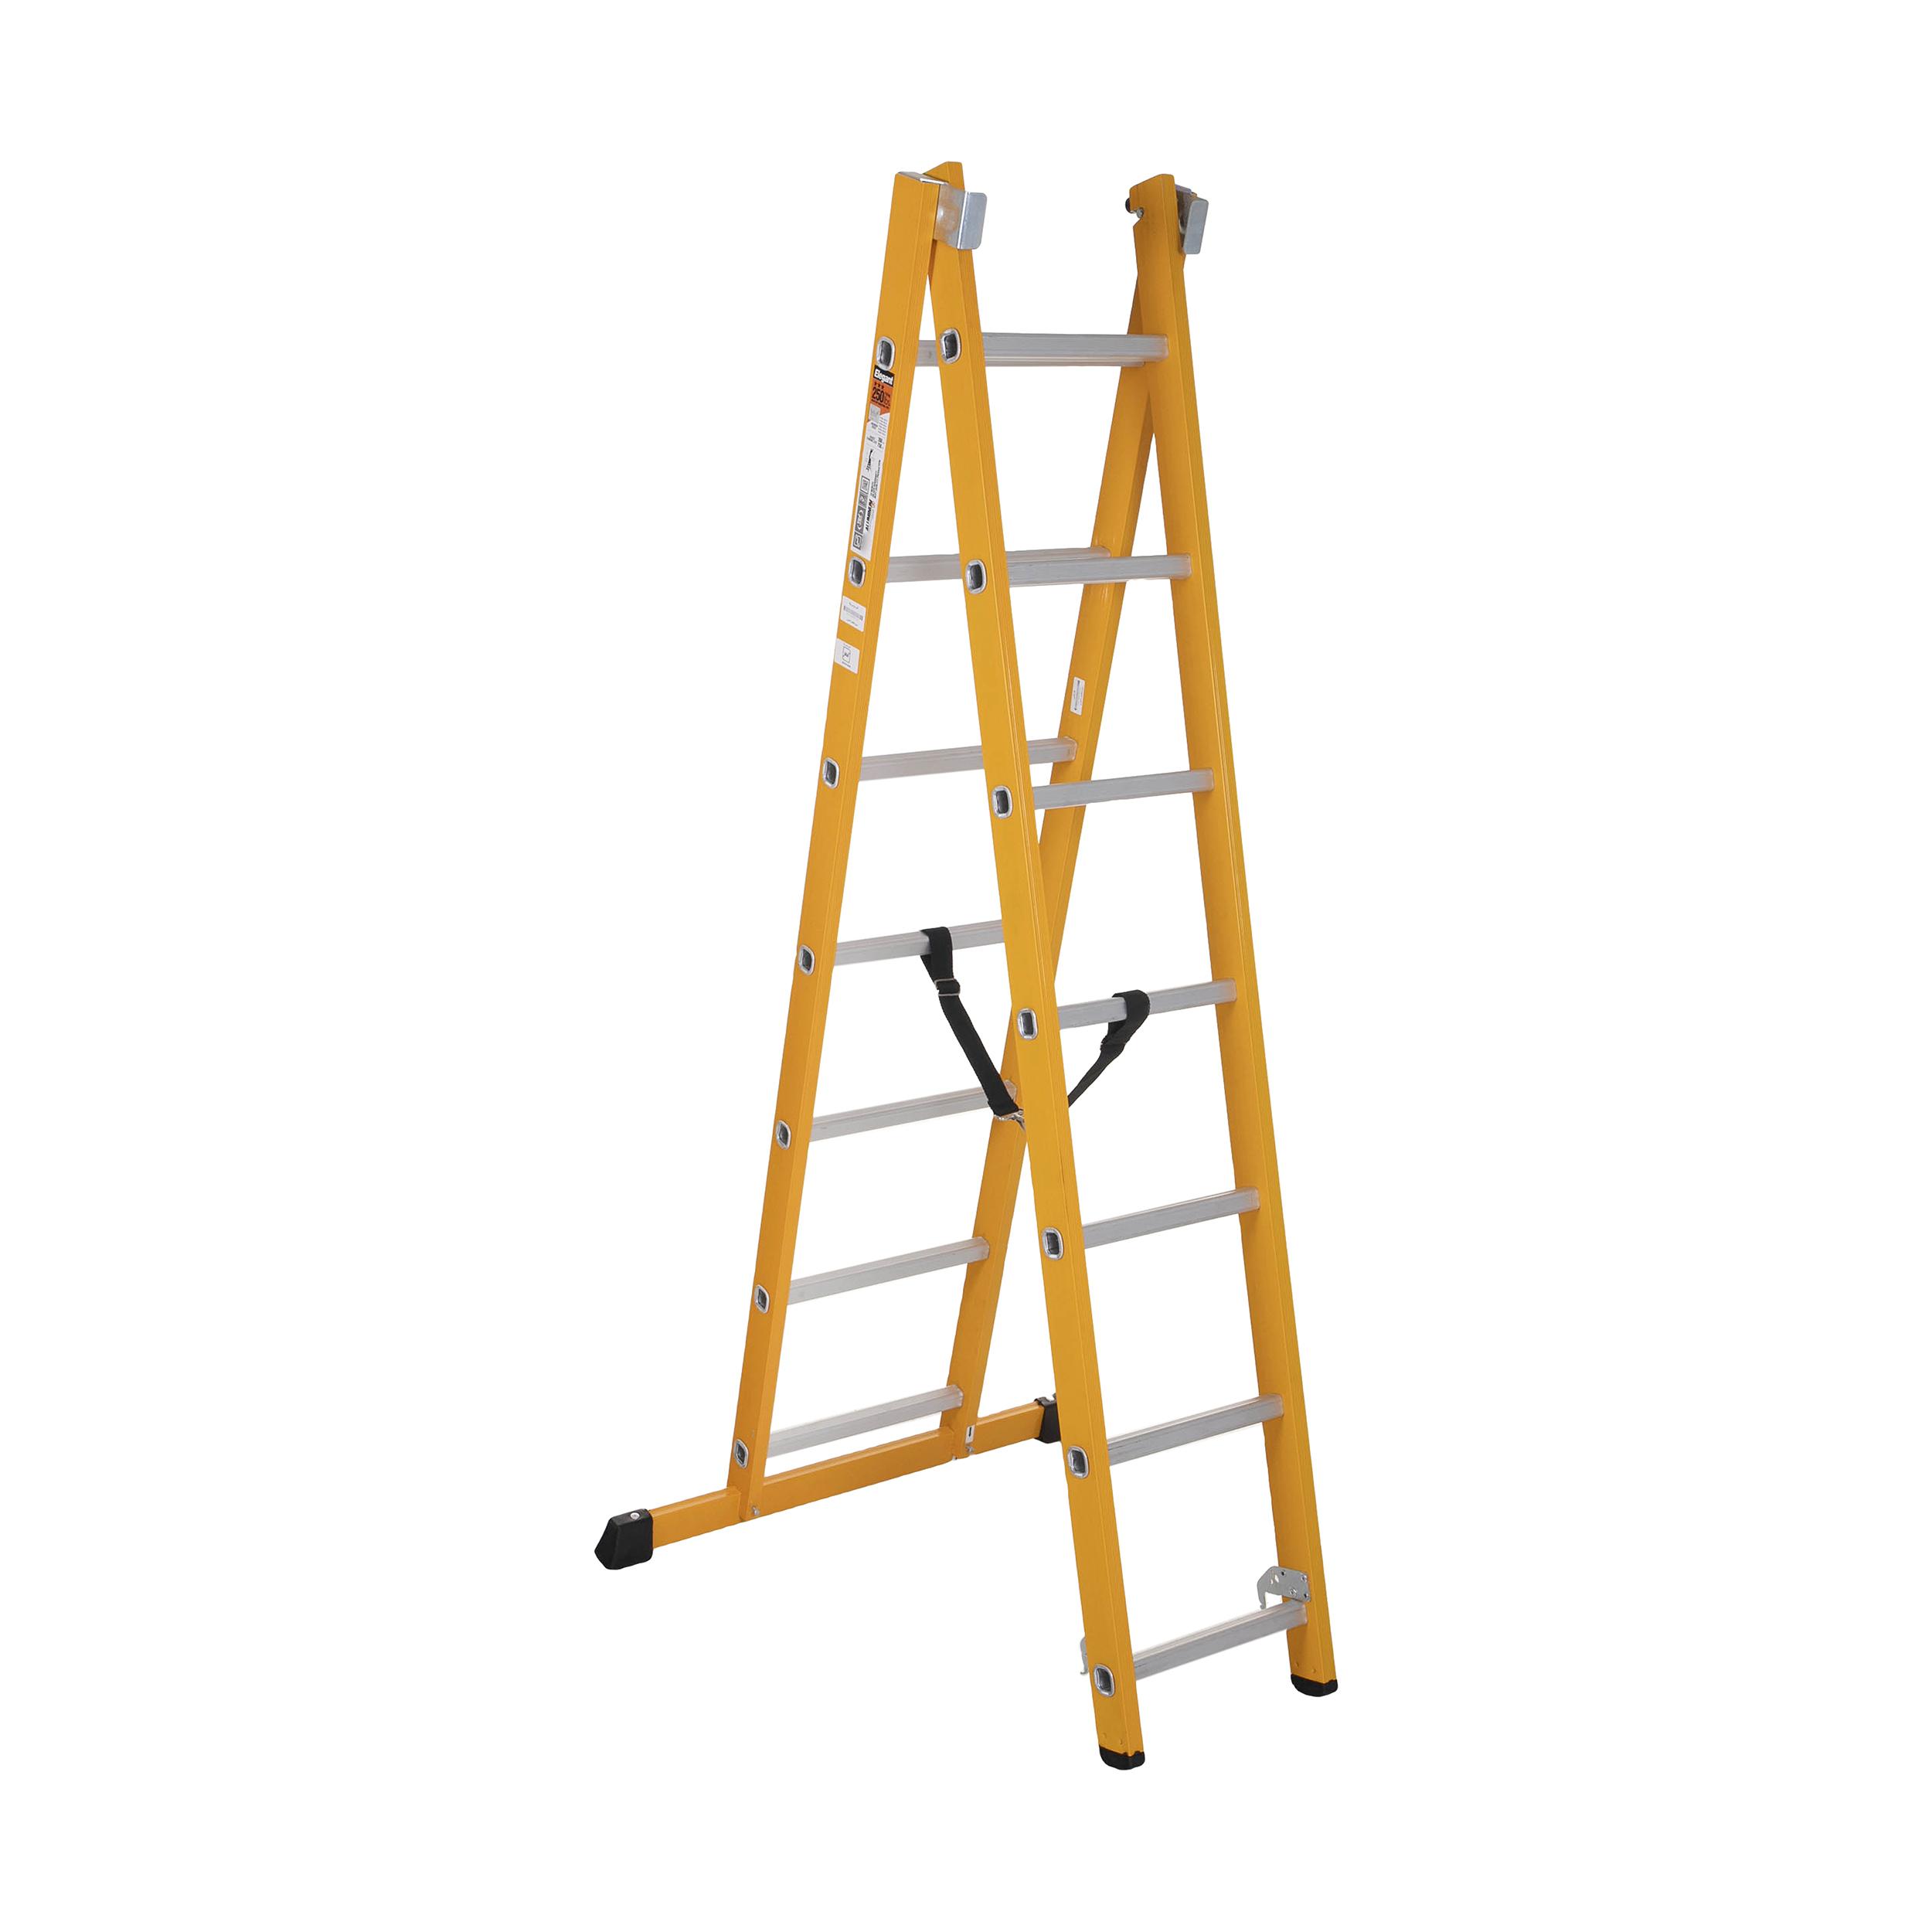 نردبان 14 پله آلوم پارس پله مدل الگانت 2